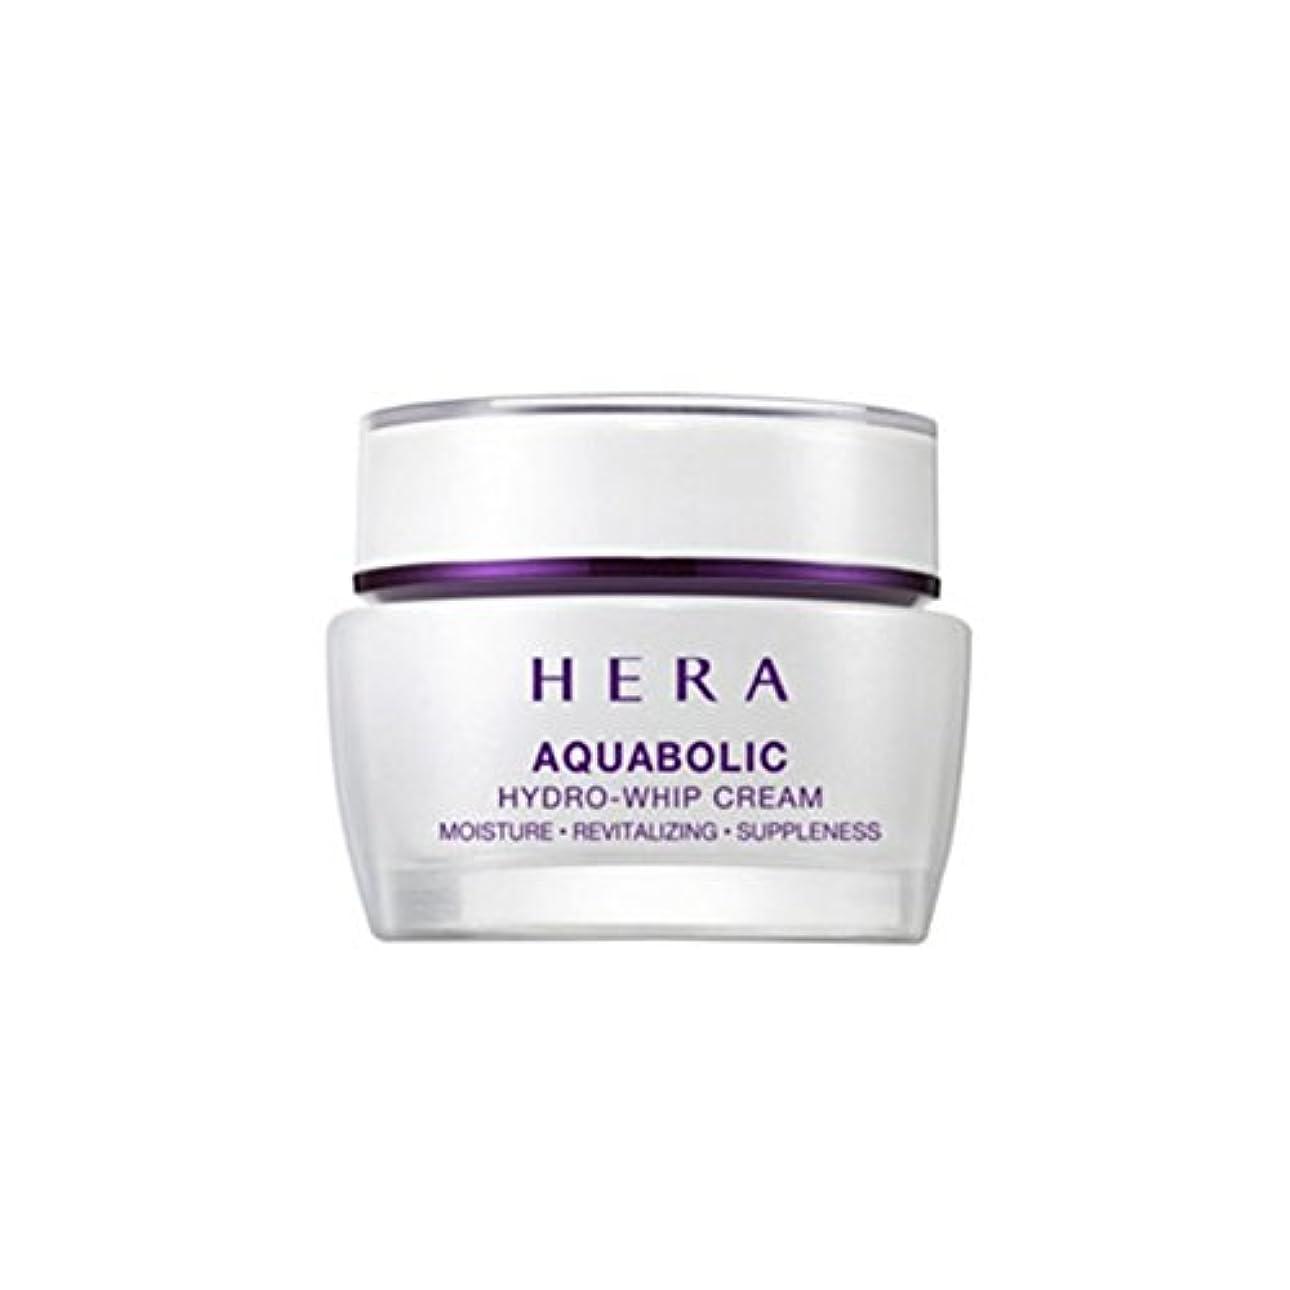 宅配便支配的容量(ヘラ) HERA Aquabolic Hydro-Whip Cream アクアボリックハイドロホイップ クリーム (韓国直発送) oopspanda